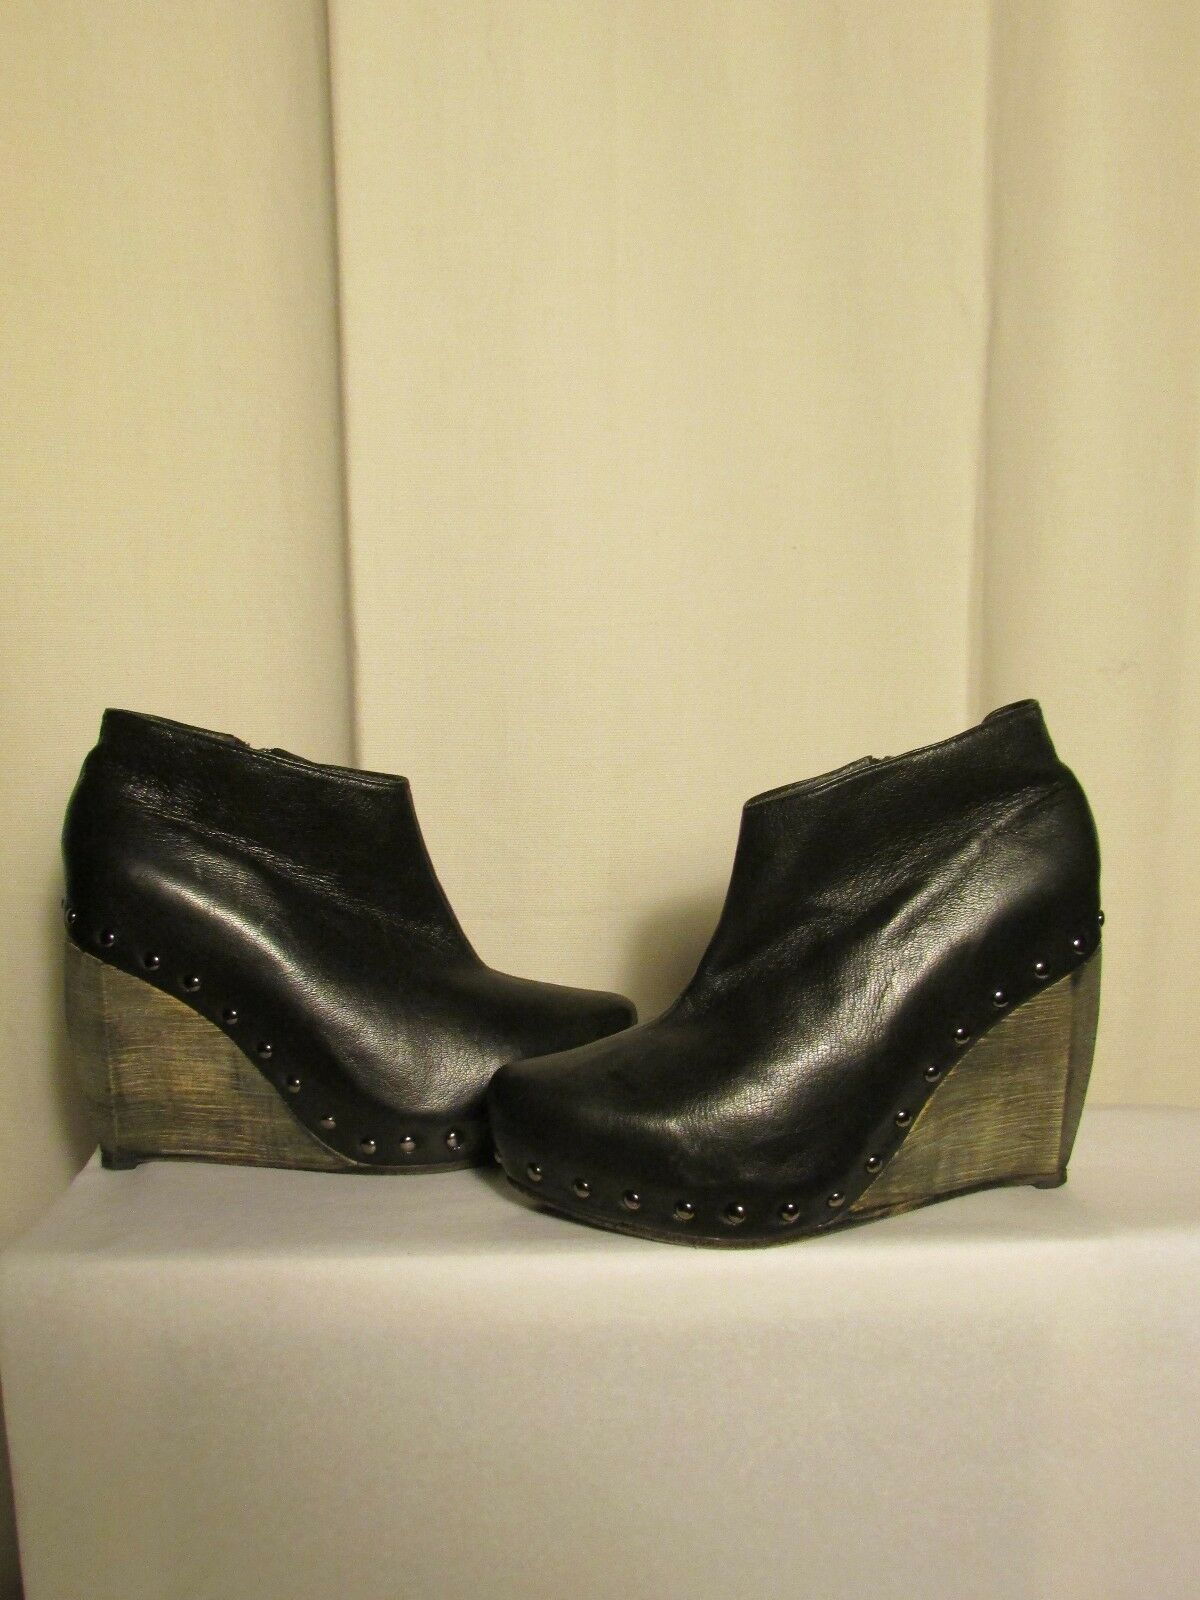 Keilstiefel Keilstiefel Keilstiefel Eine Step schwarzes Leder 40 d79cb0